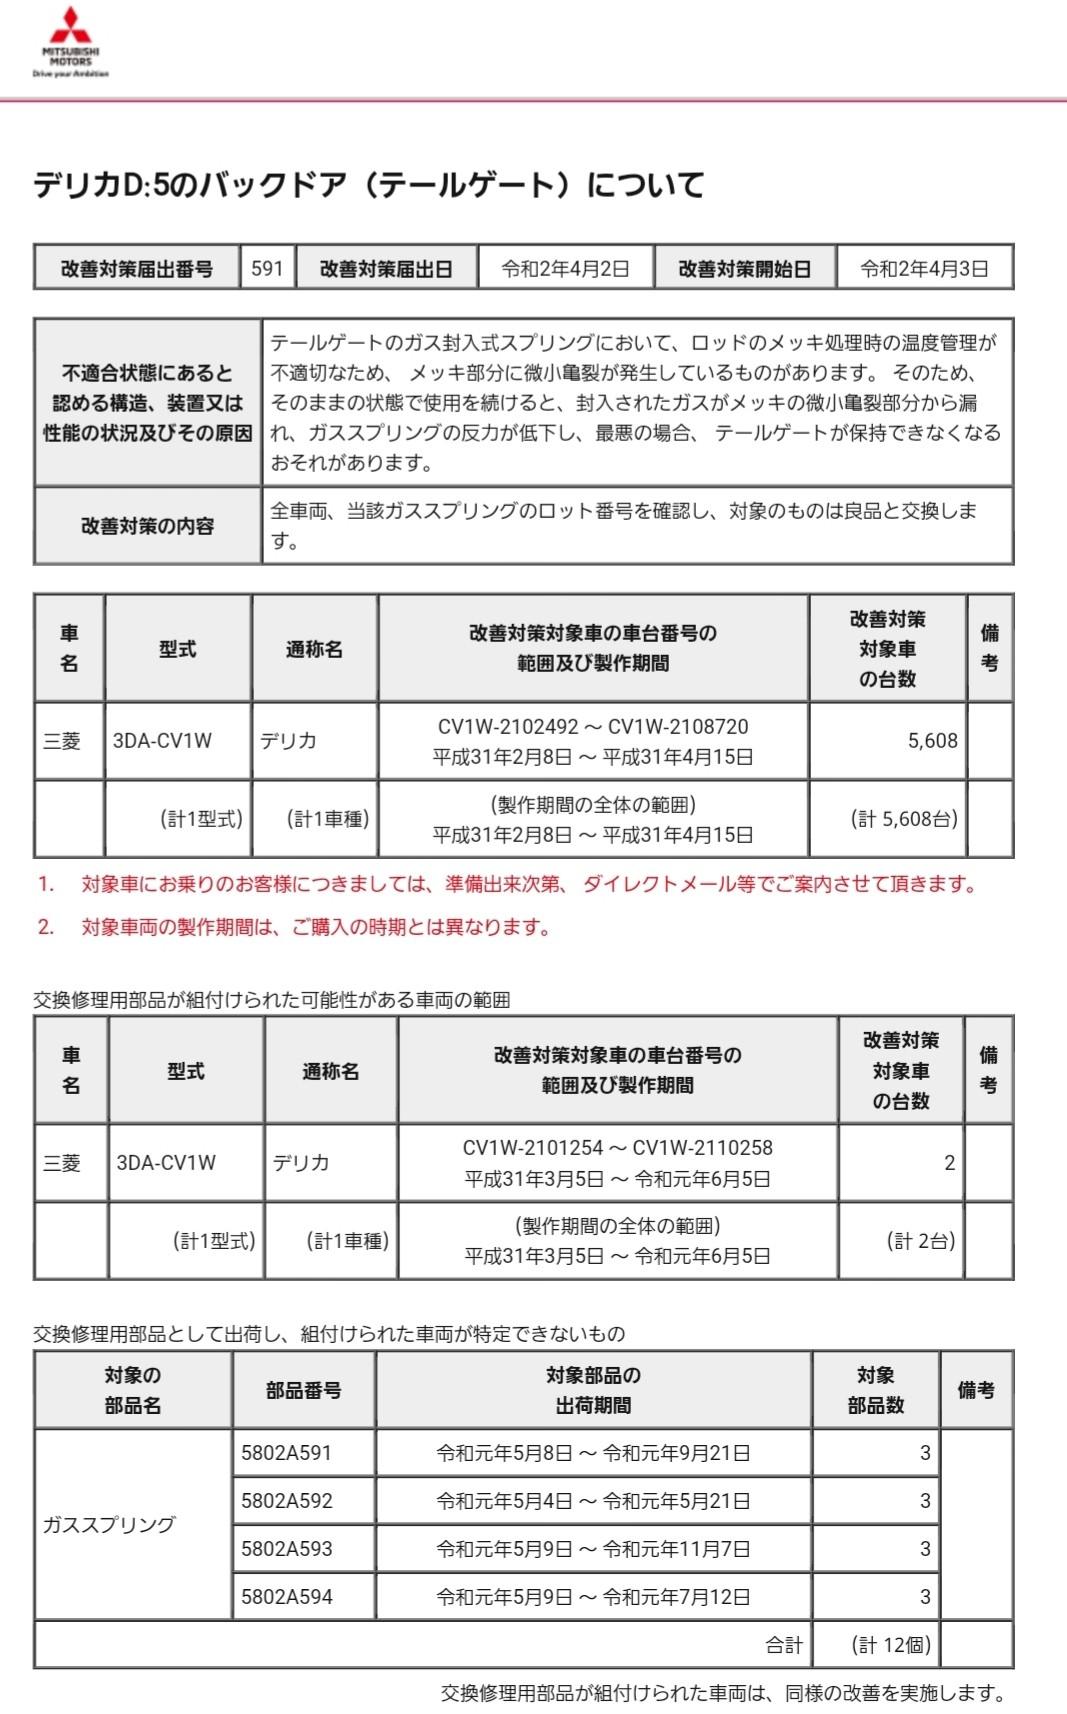 【リコール No.591】リアゲートダンパー交換